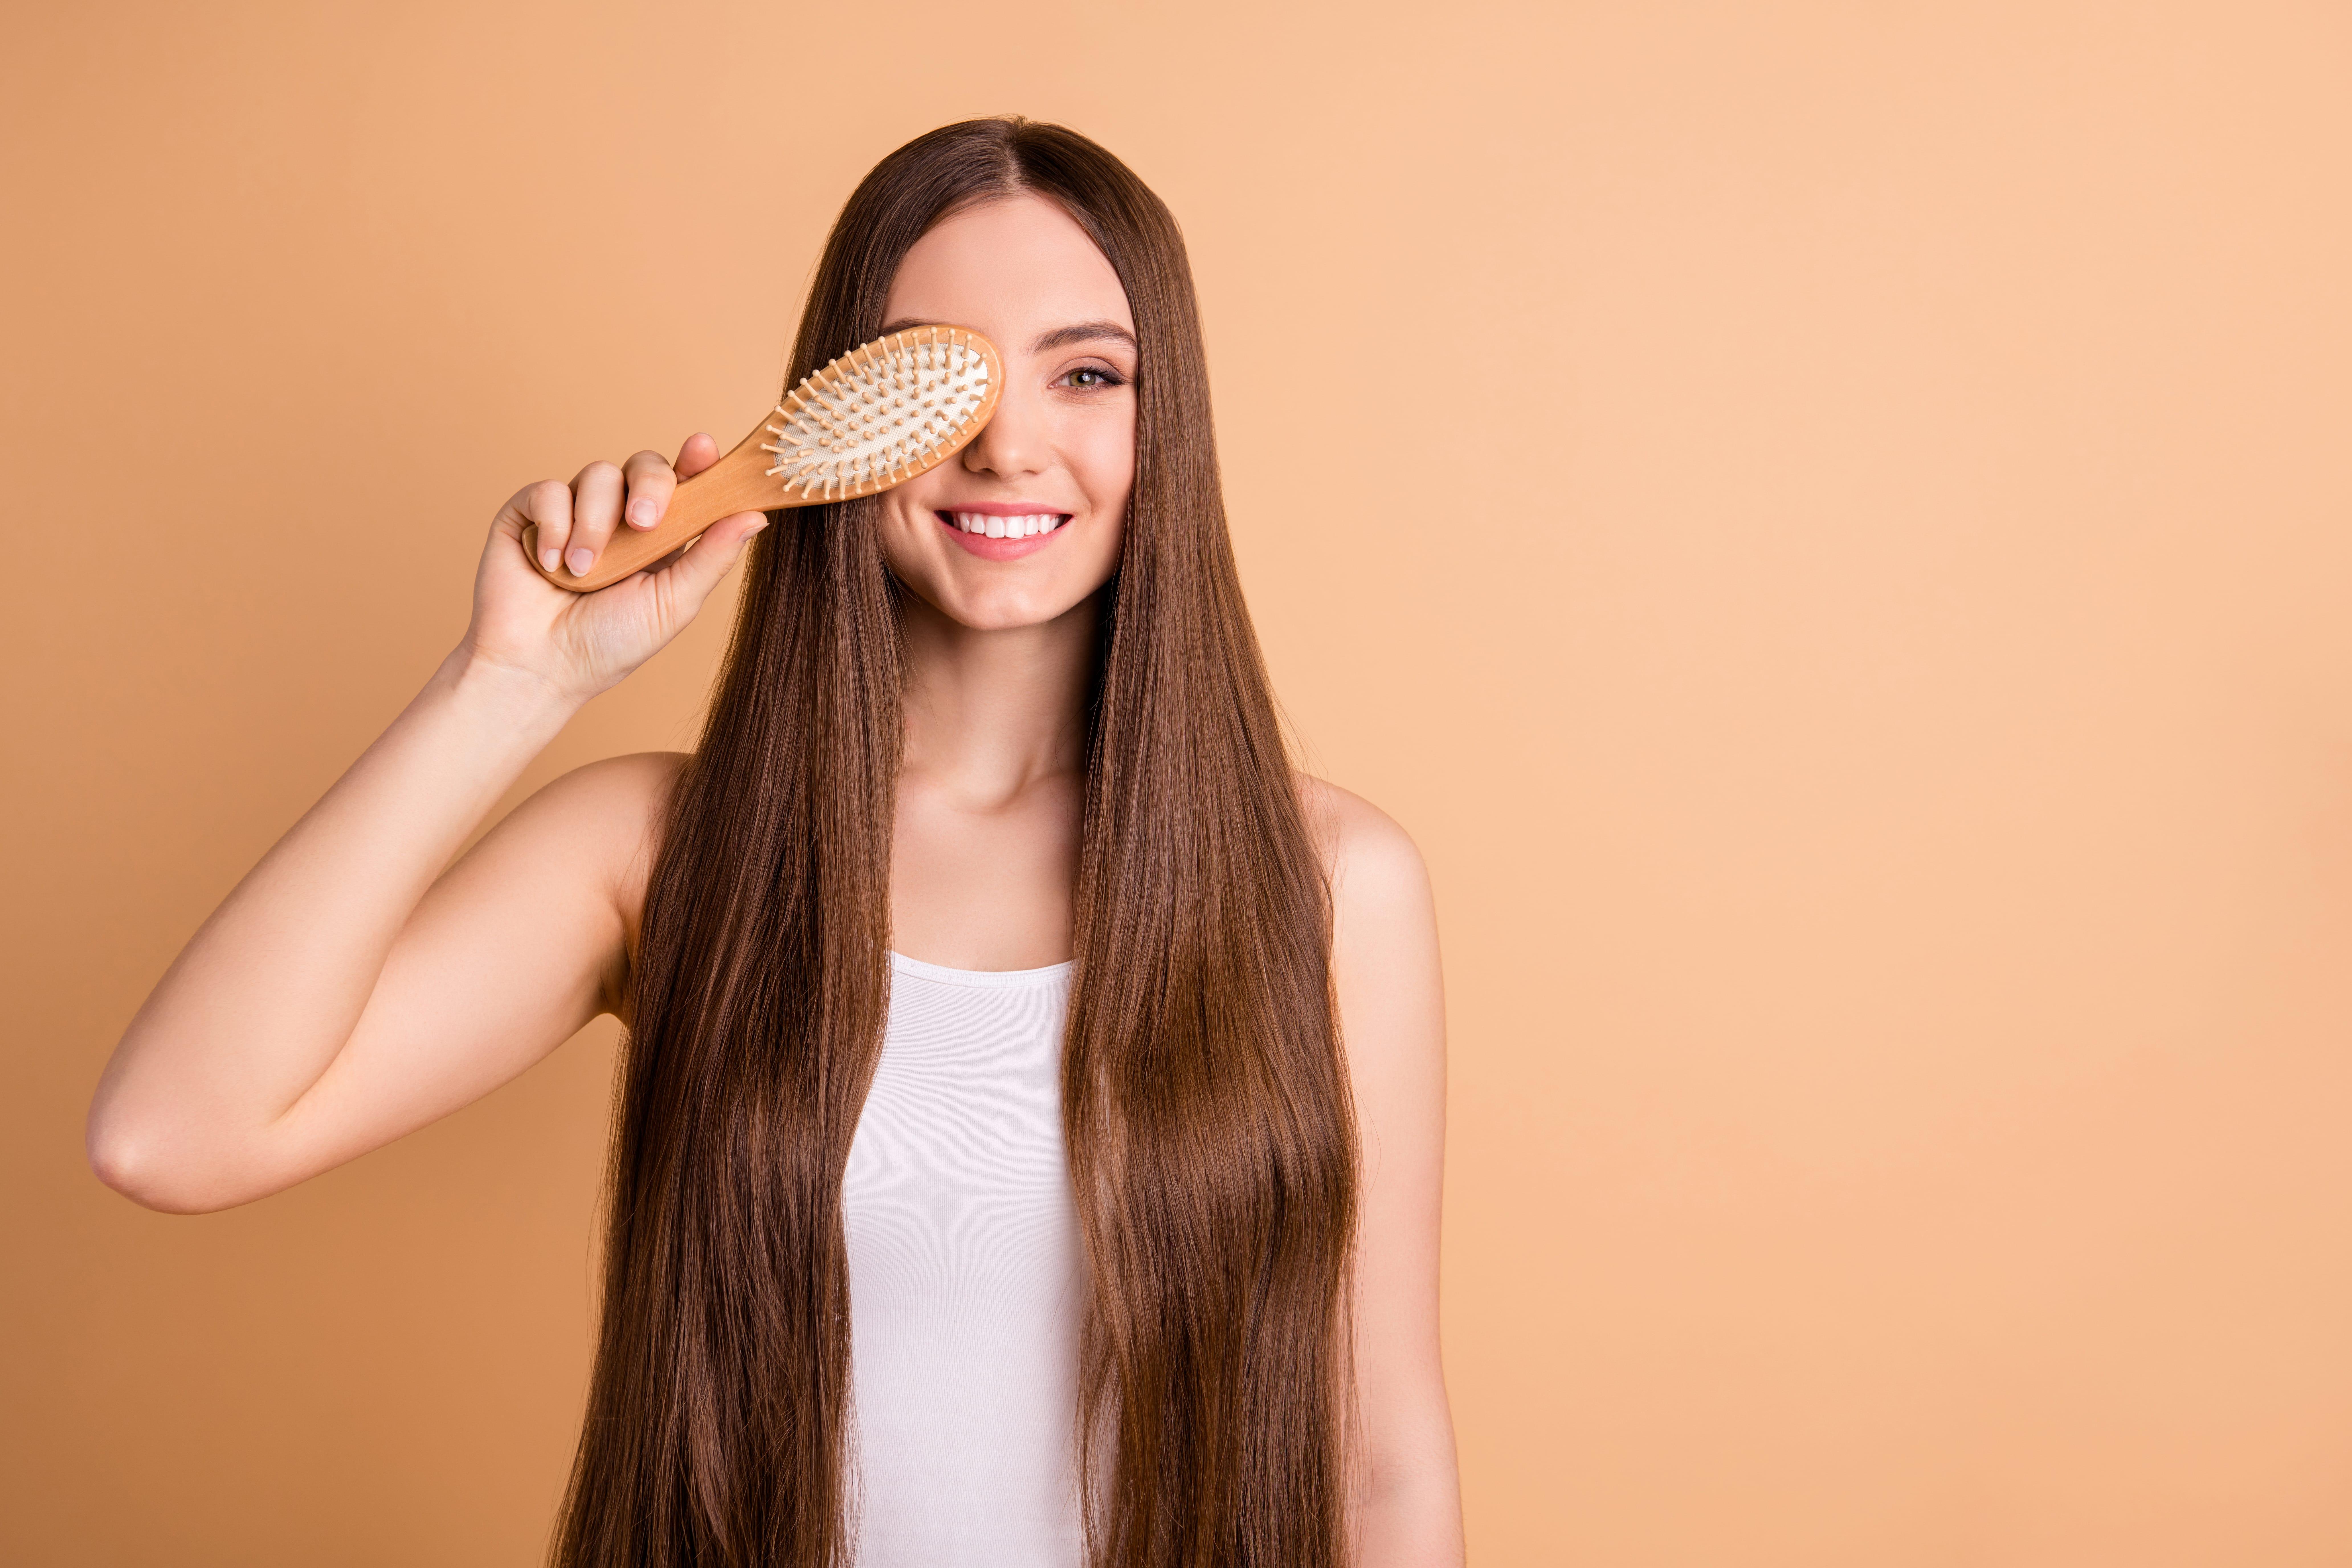 mulher com o cabelo penteado segurando um pente sobre o rosto